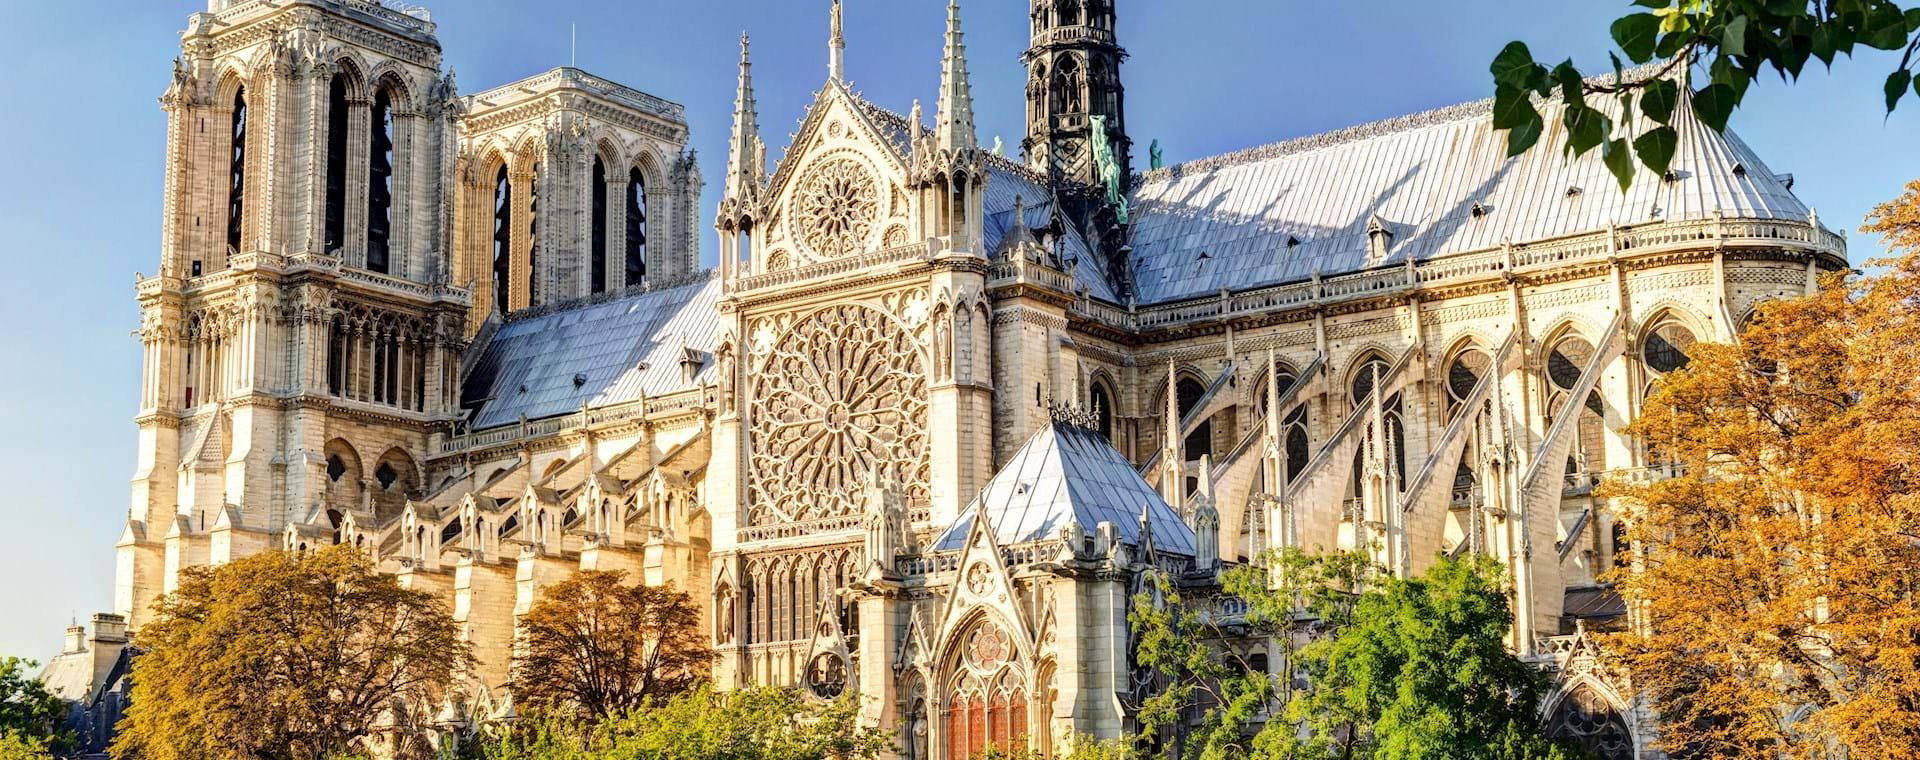 Best of Paris: Louvre Museum & Notre Dame Island with Sainte Chapelle Combo Saver Tour